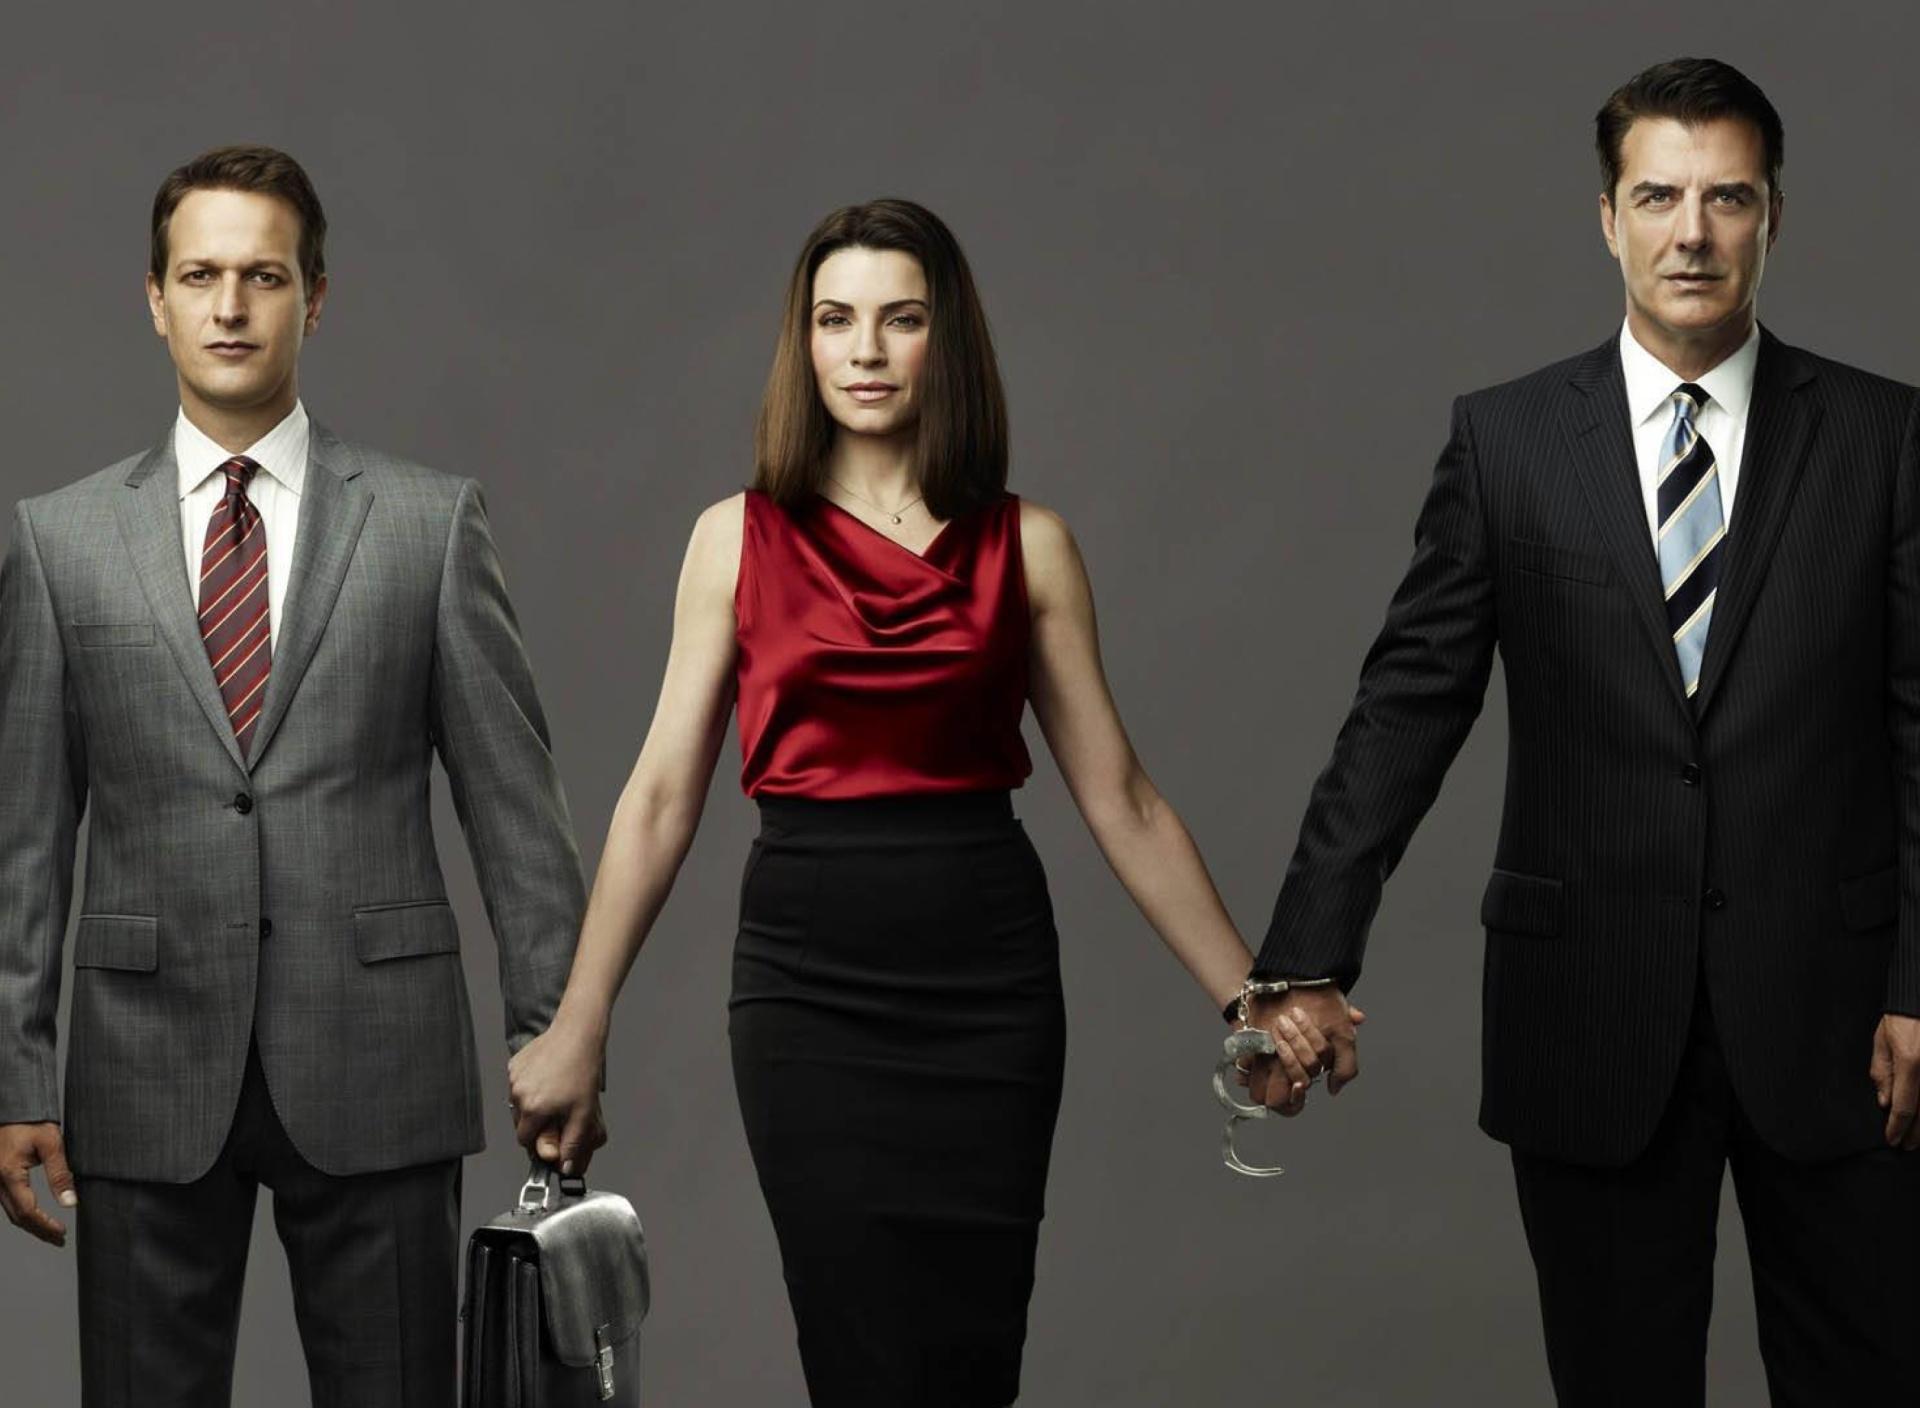 двое мужчин с одной женщиной моей